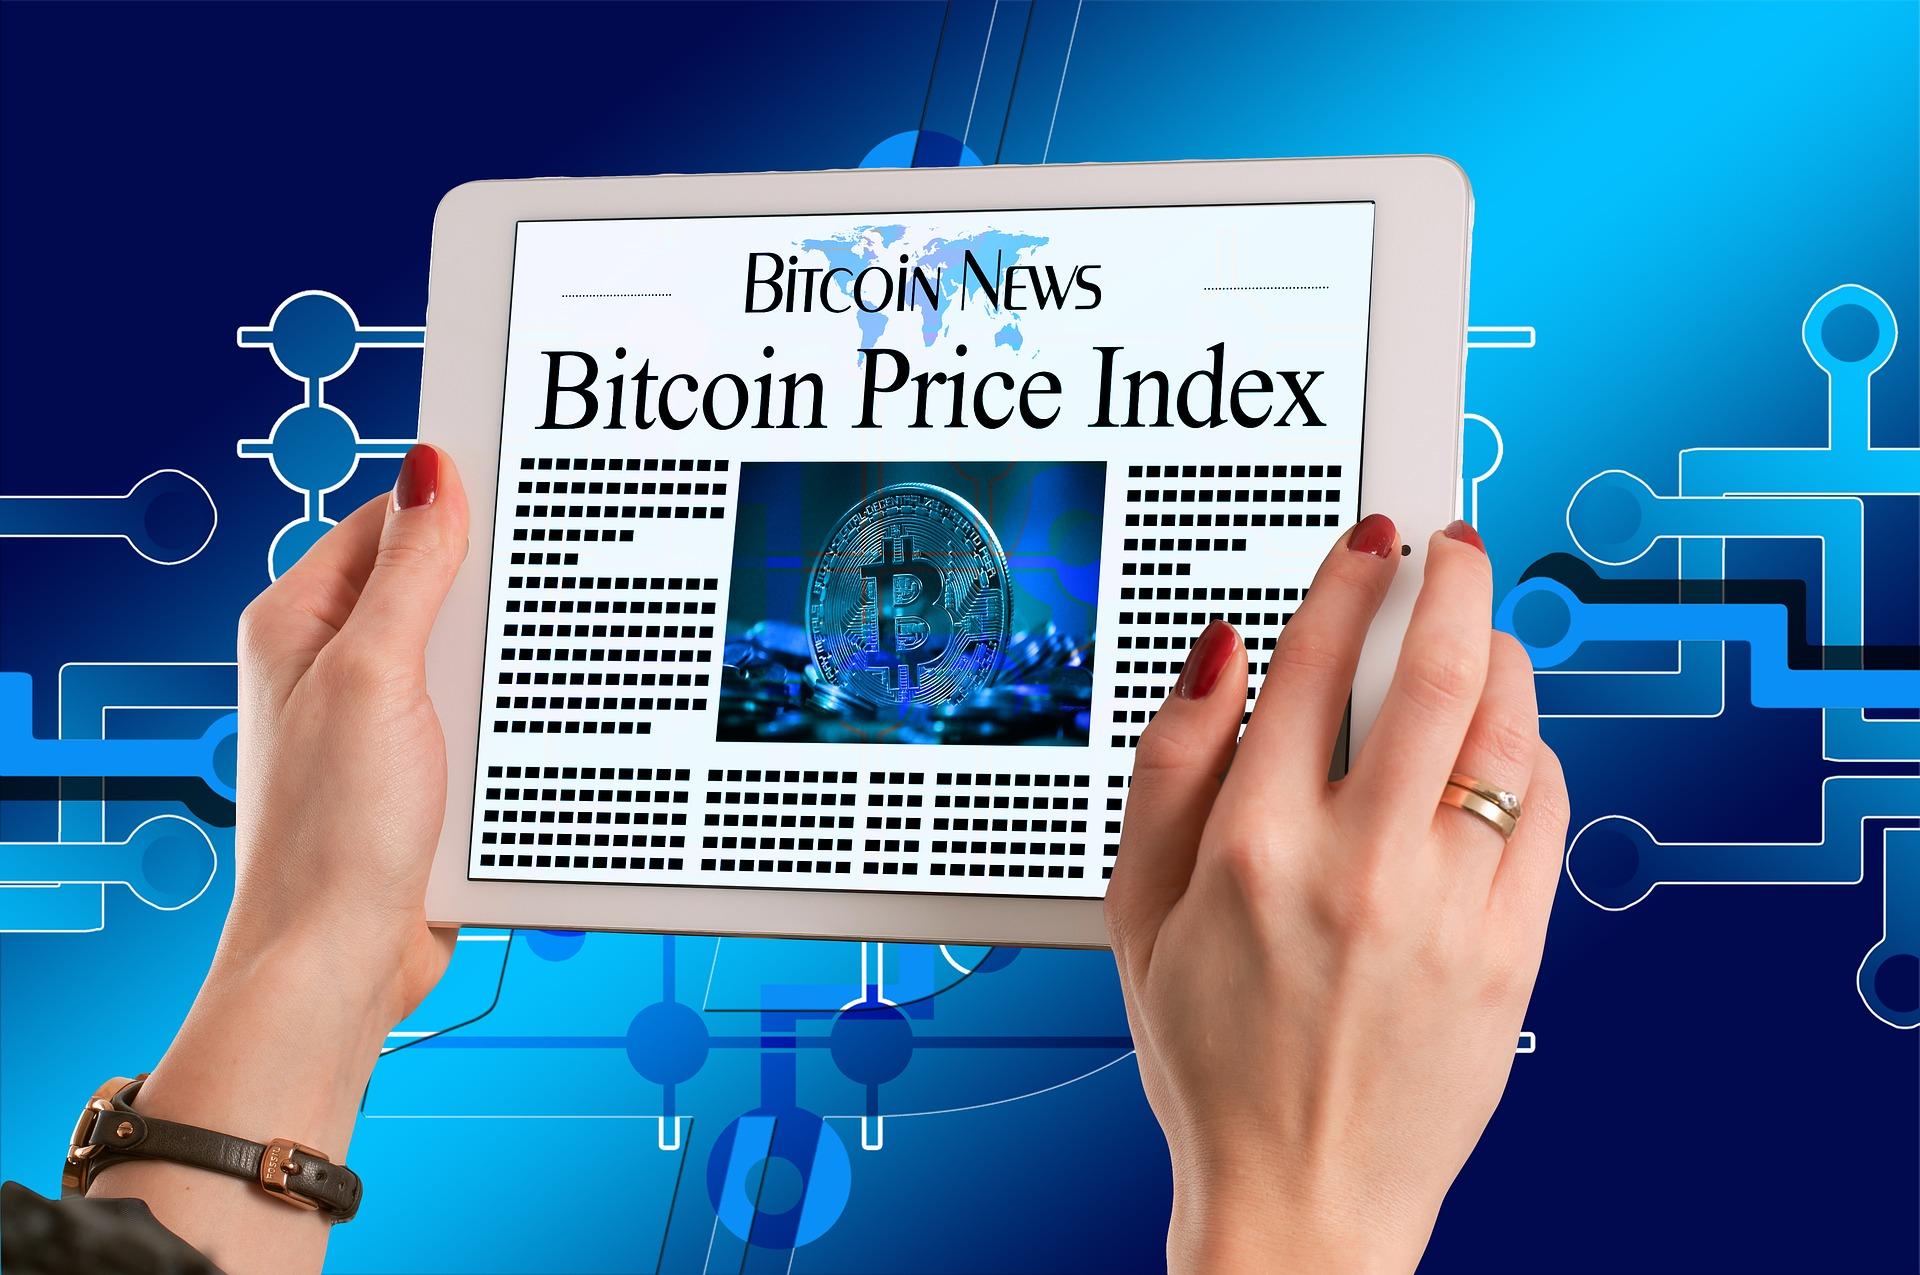 akcijų rinka vs crypto market bitcoin indonezijos rinkos dangtelis